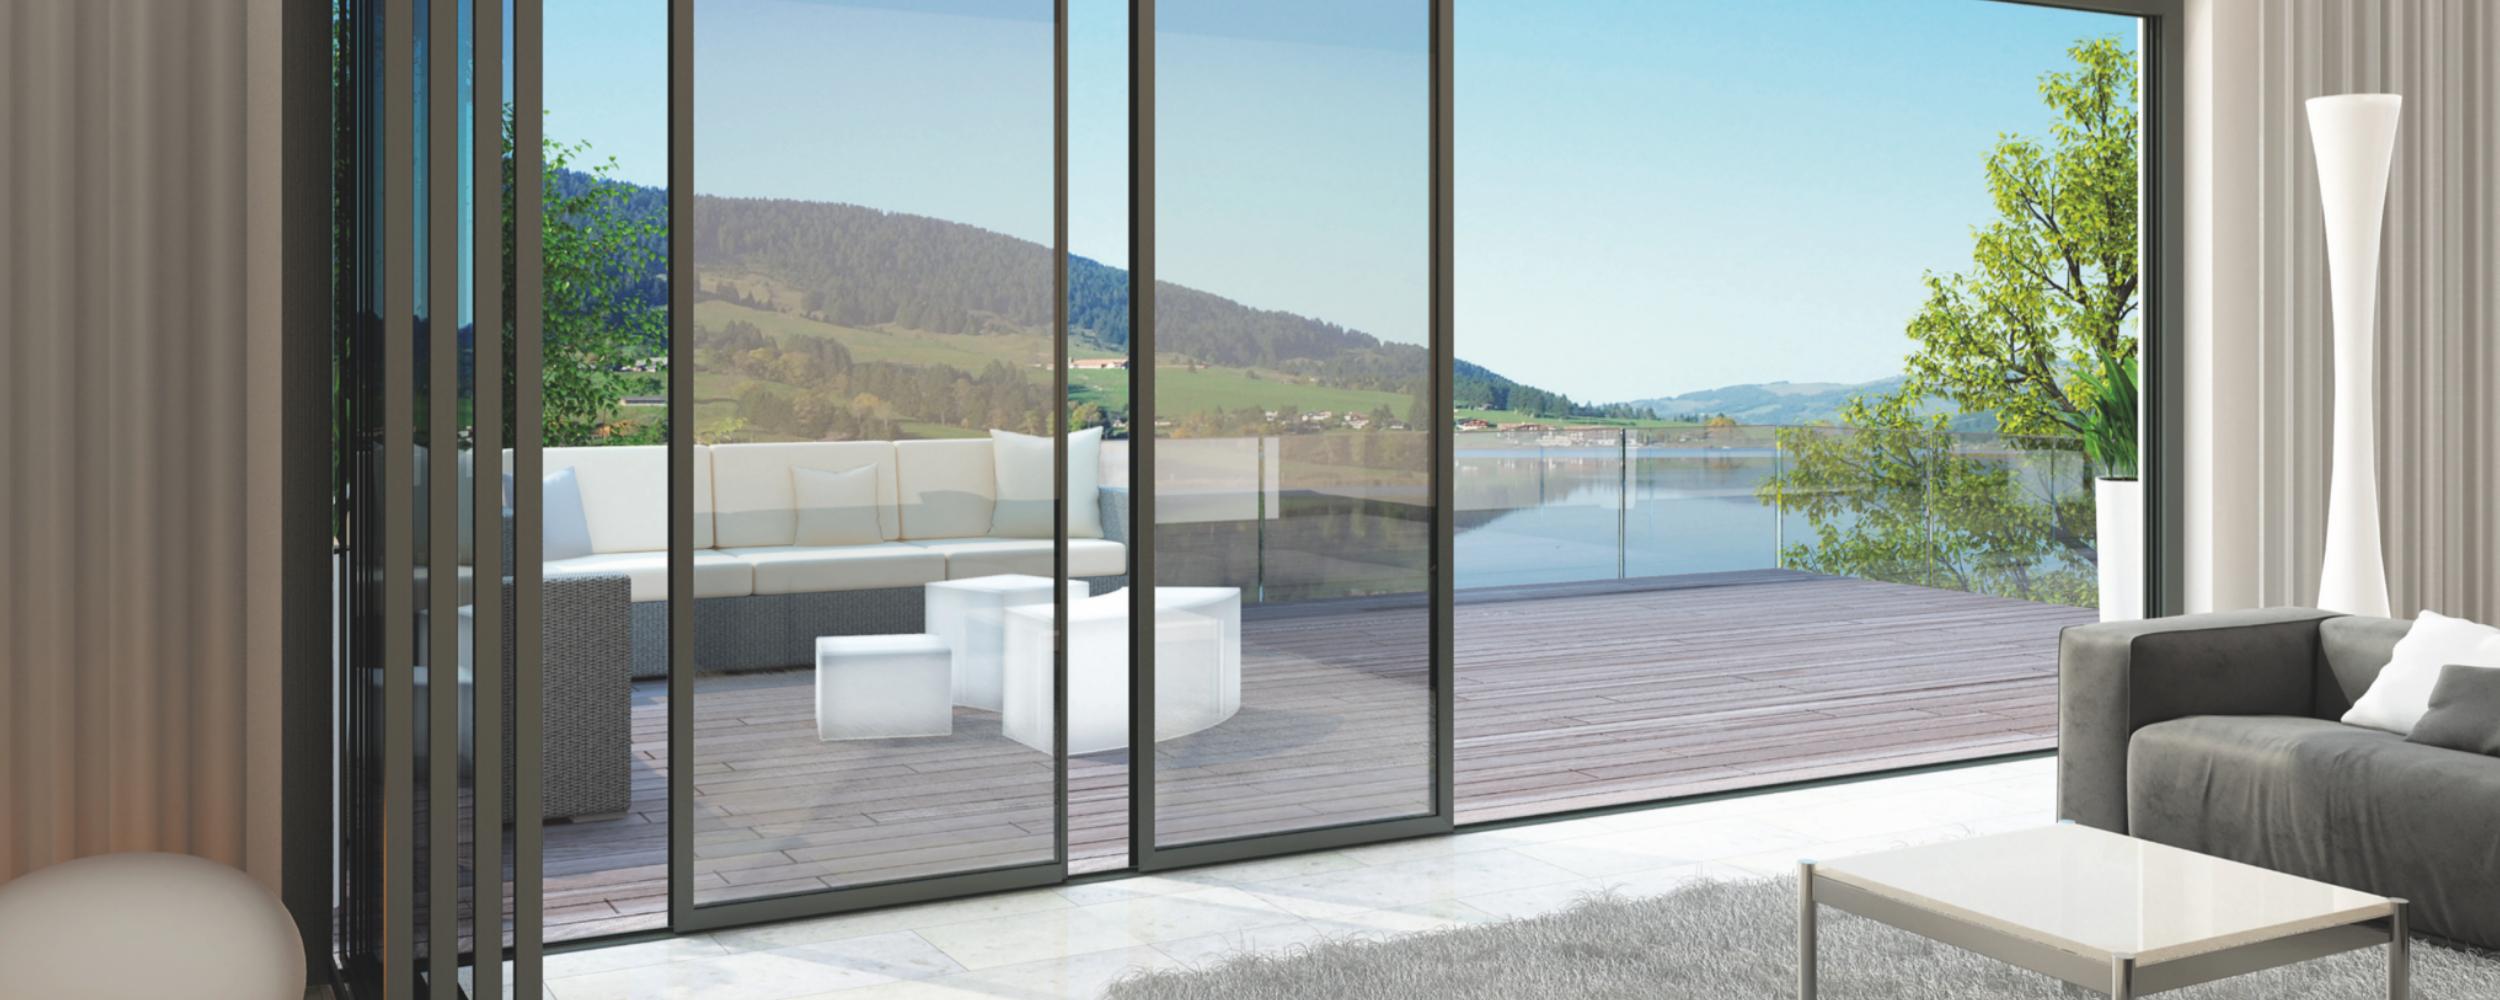 vistaline Slide and Turn door with panels open